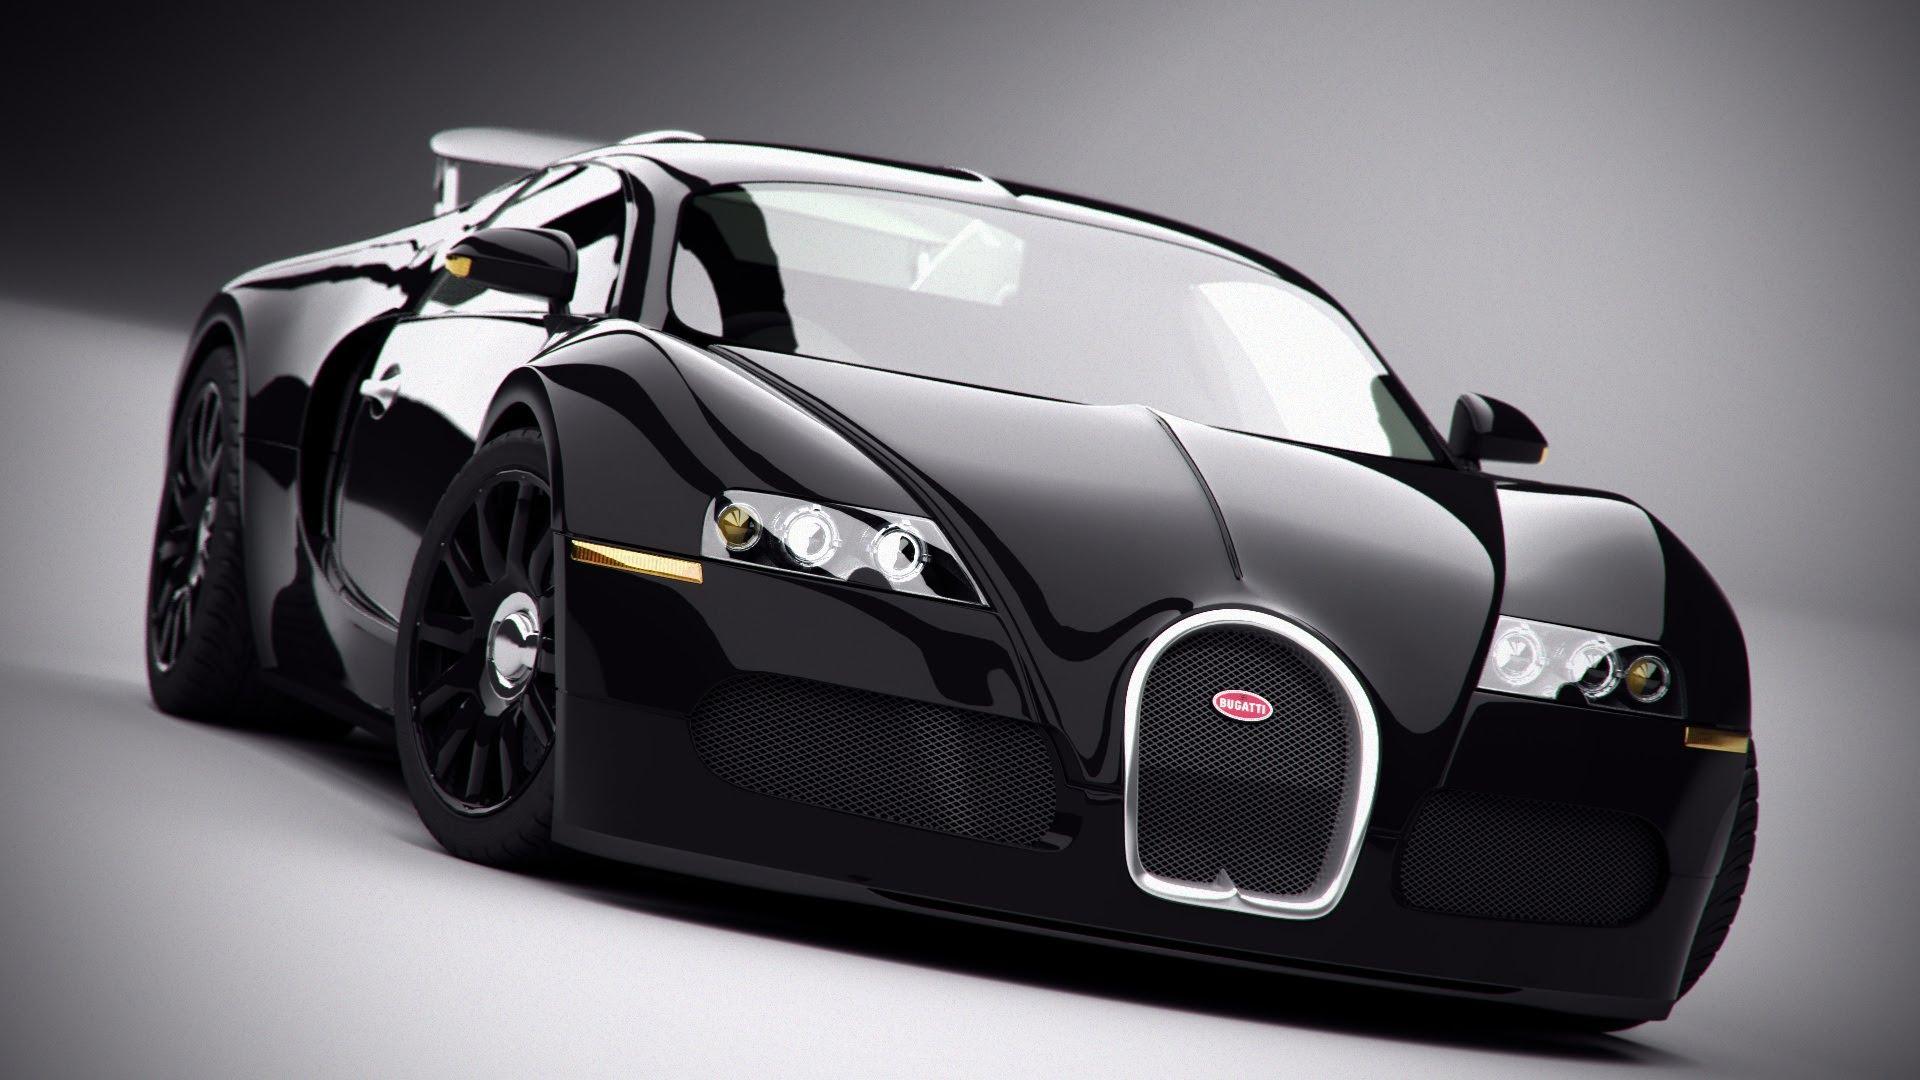 بالصور صور اجمل سيارات في العالم , صور لاجمل السيارات فى العالم 5801 3